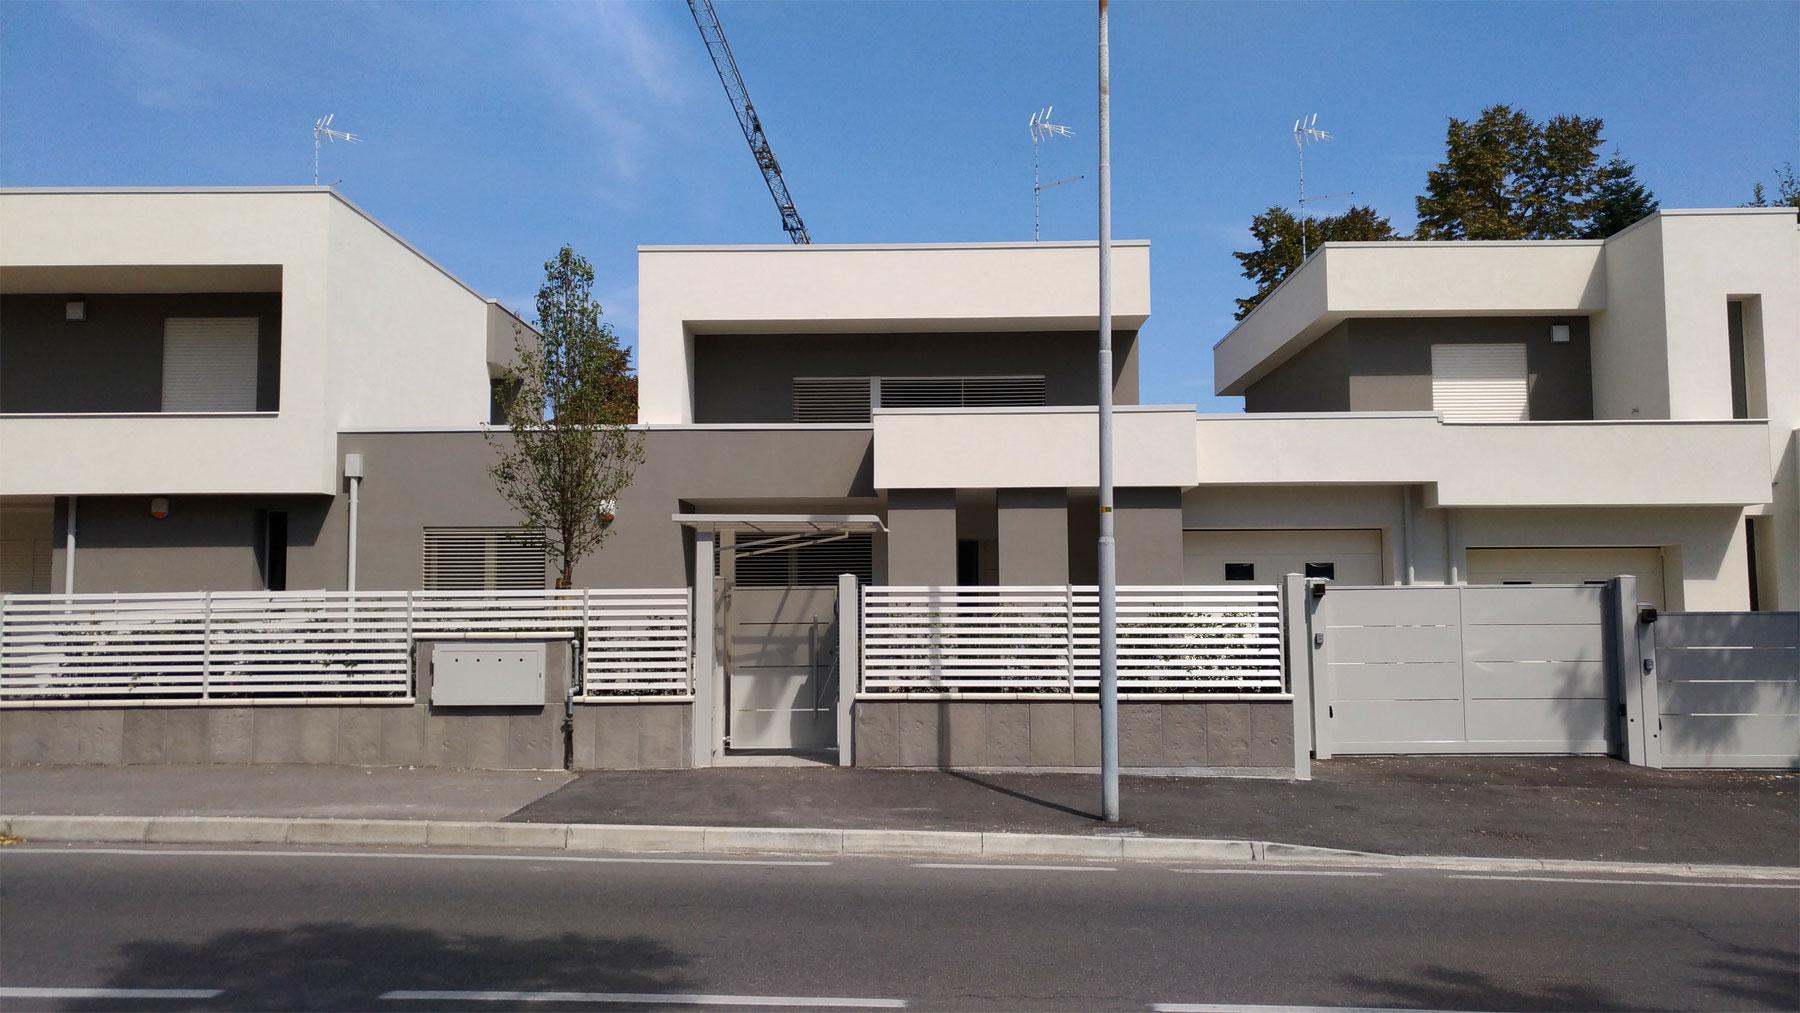 Studio di architettura fangareggi castelli tre ville a for Progetto ville moderne nuova costruzione